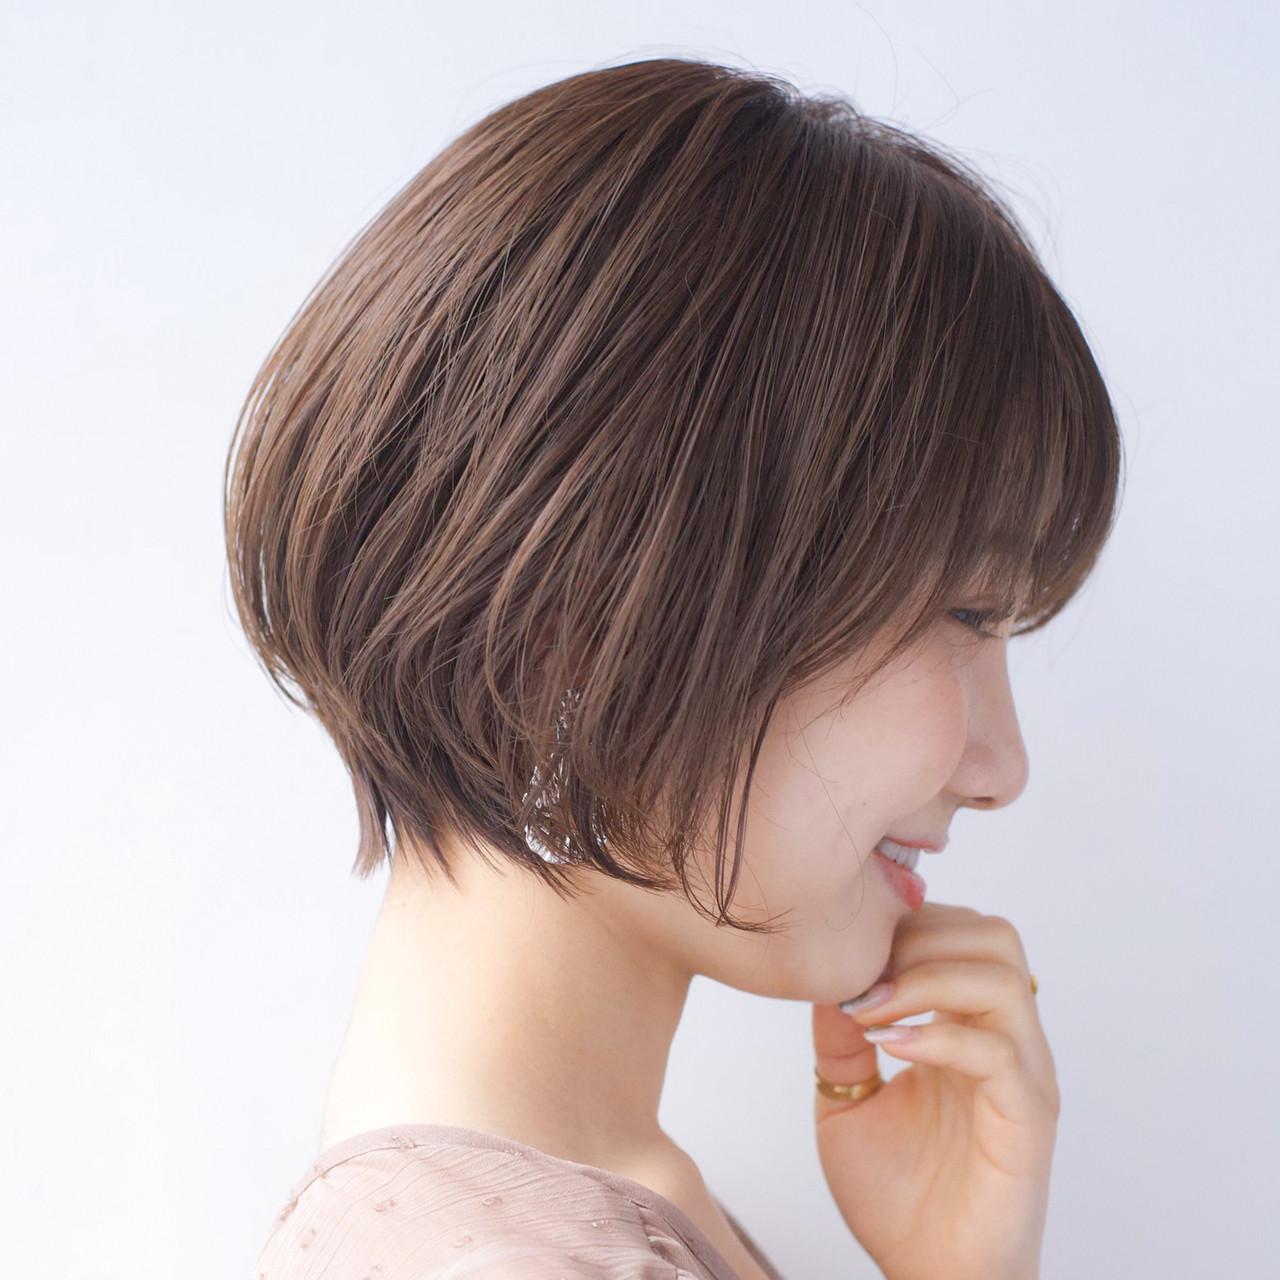 大人かわいい 小顔ショート ナチュラル アンニュイほつれヘアヘアスタイルや髪型の写真・画像